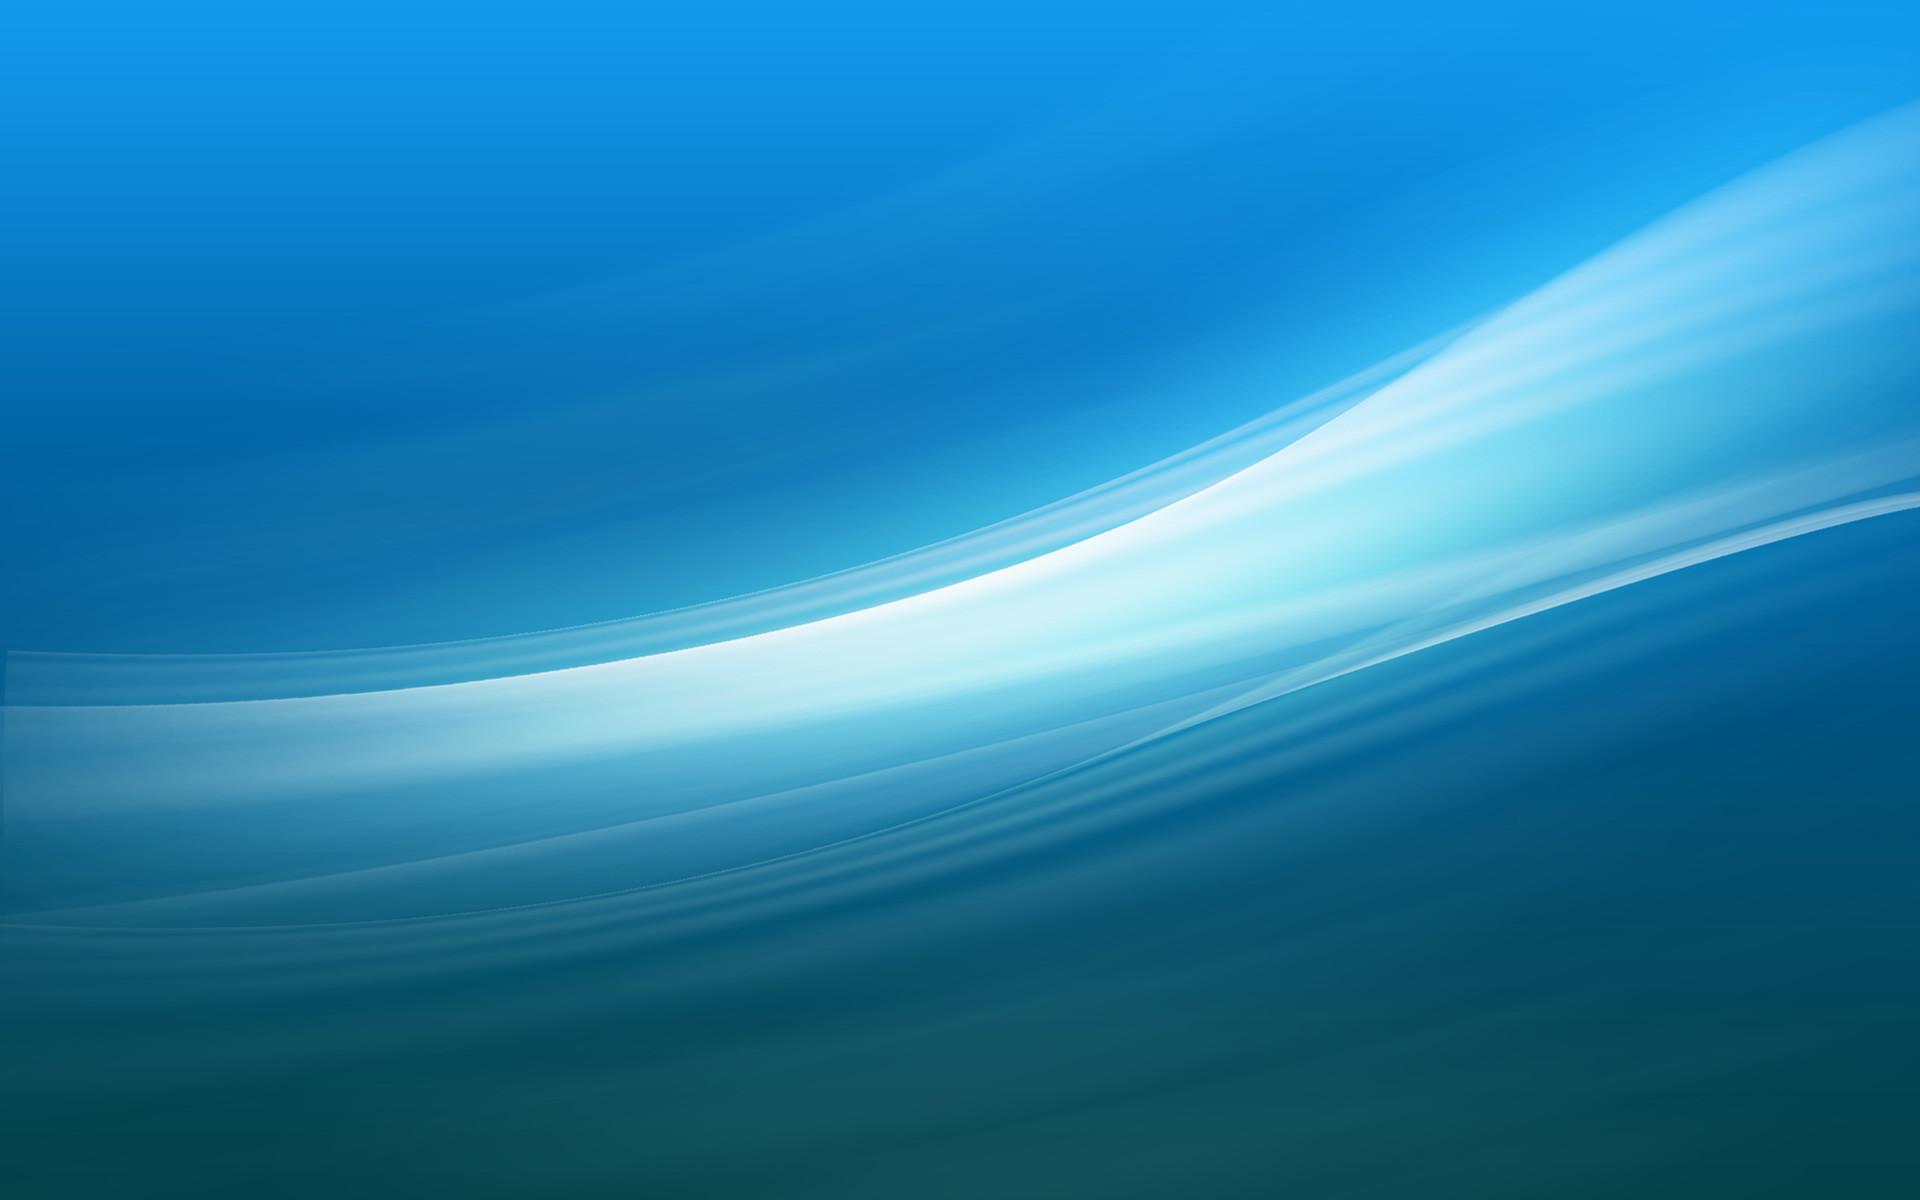 All Blue Wallpaper Desktop Wallpapers Blue Wallpapers)